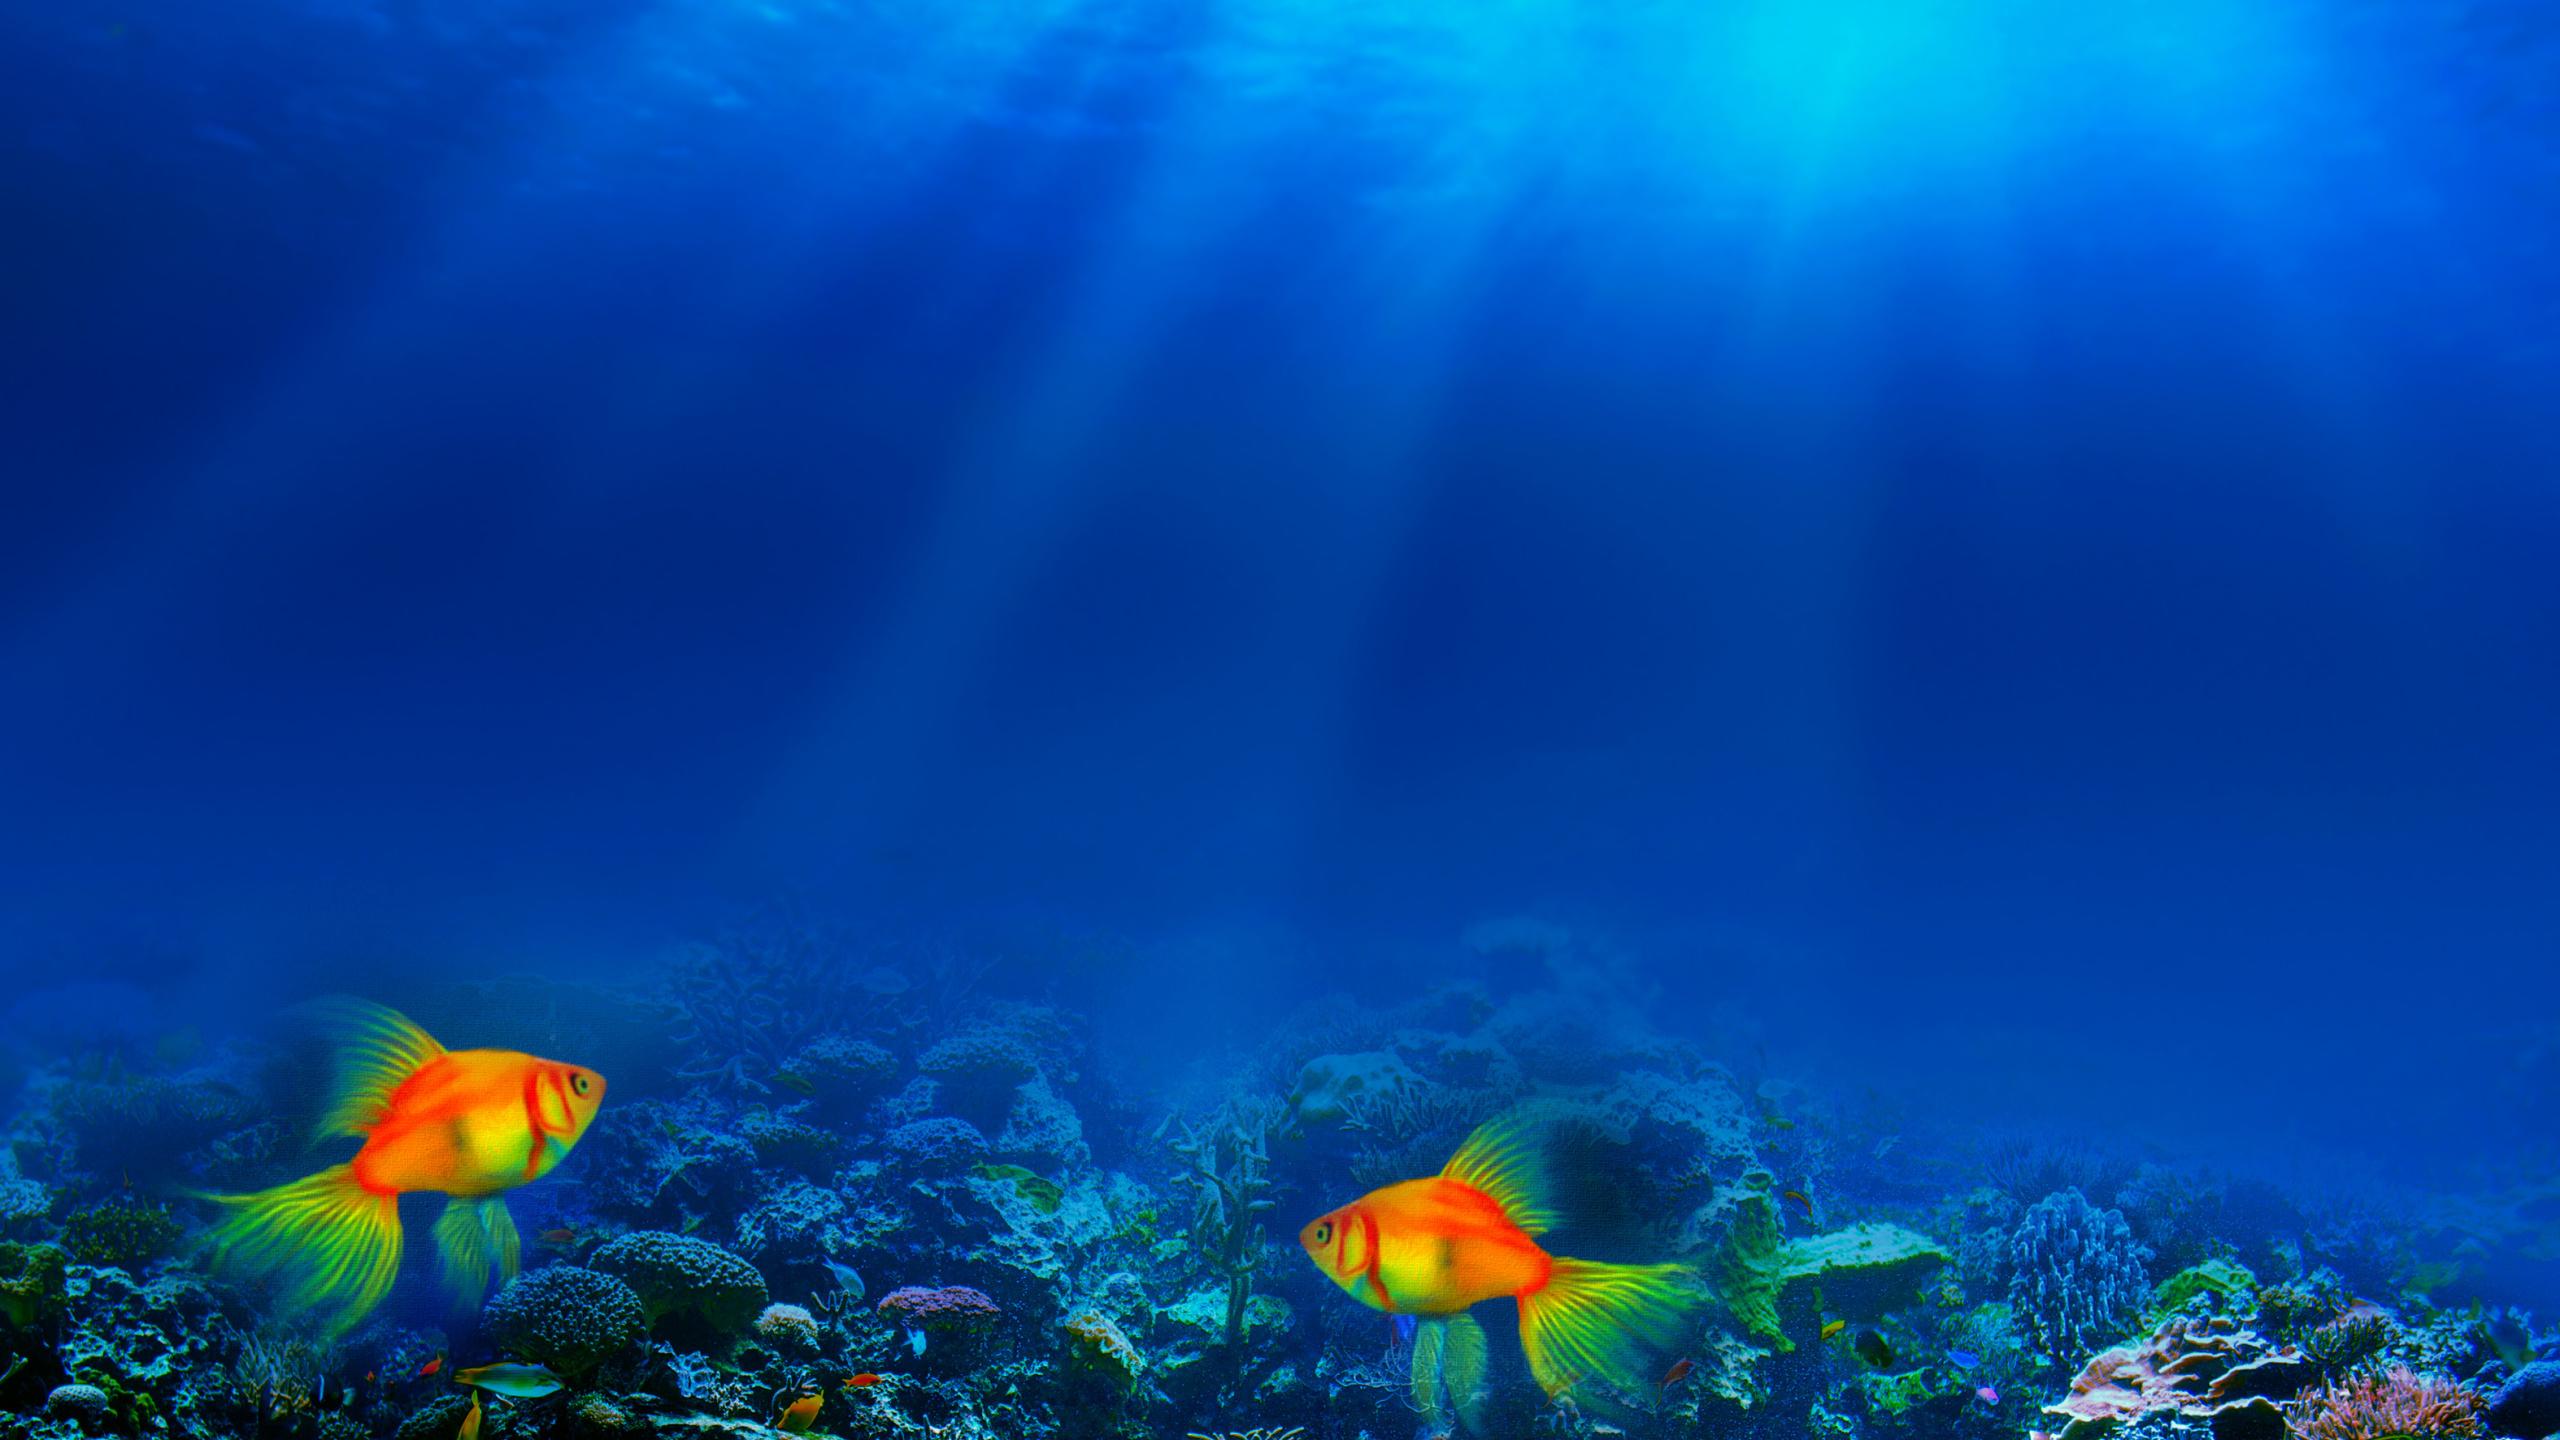 океан, подводный, мир, небо